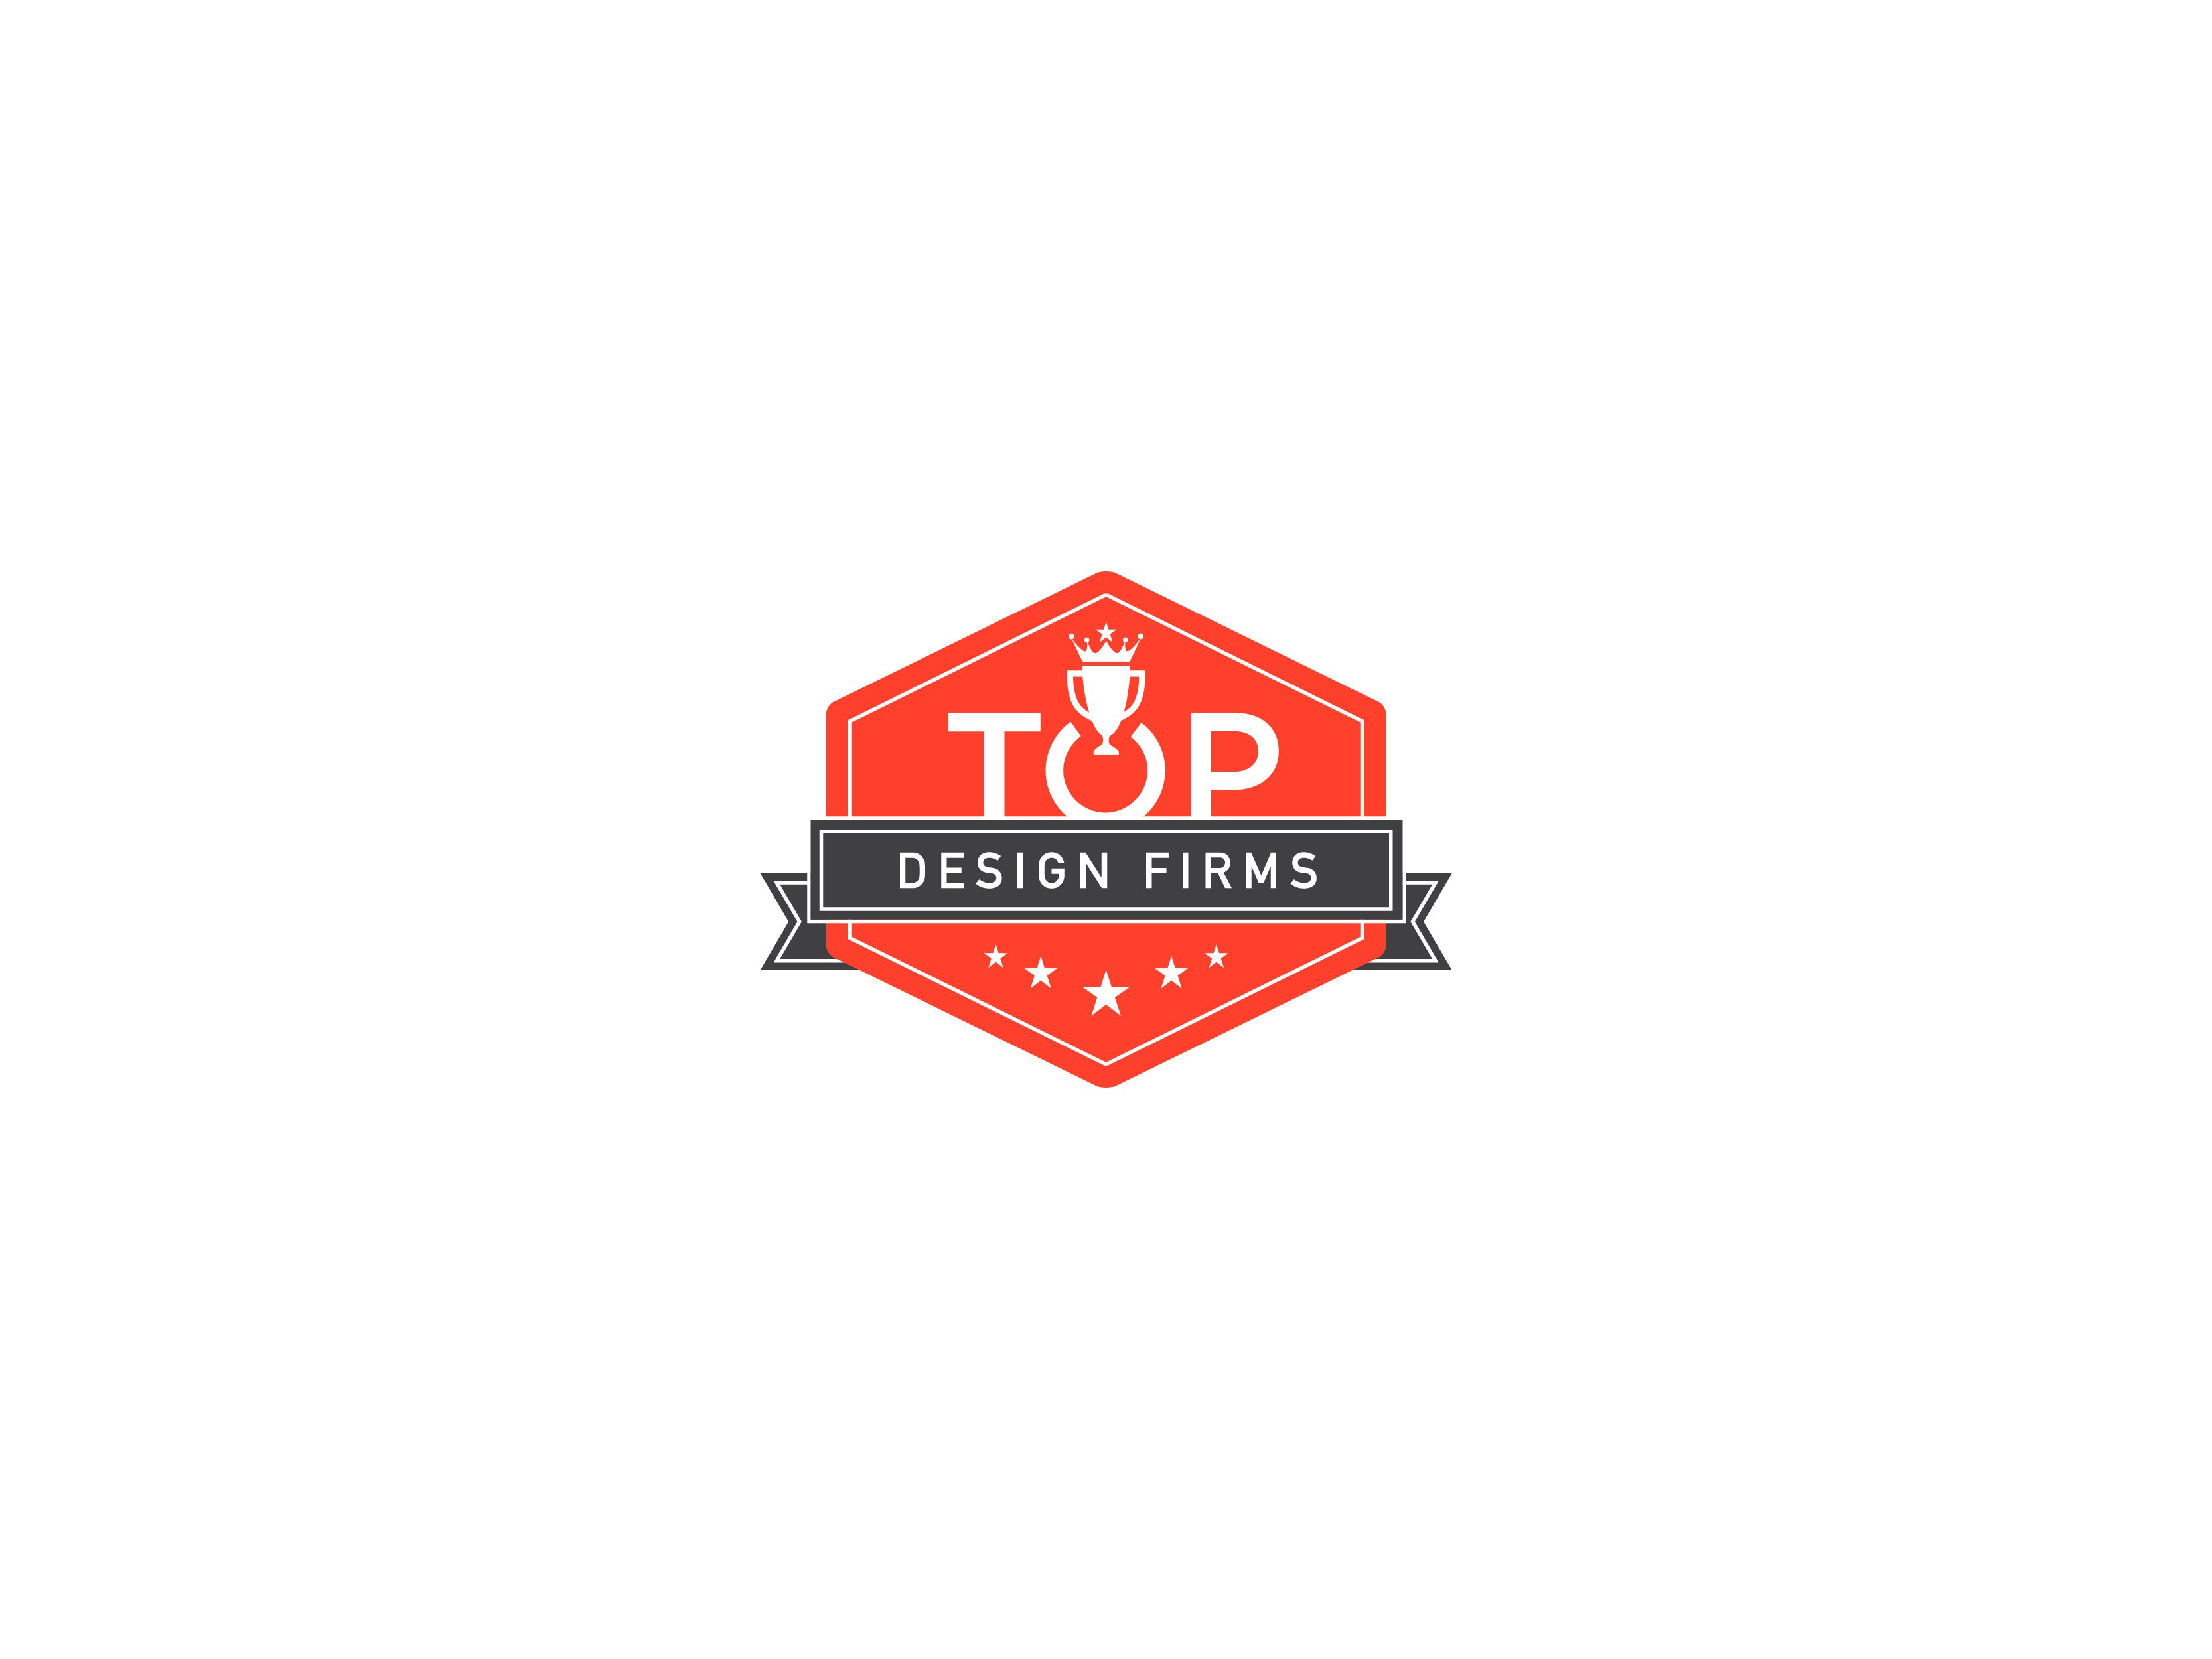 Top Design Firms Top Design Firms Announces Nationwide November Top 10 Logo Design